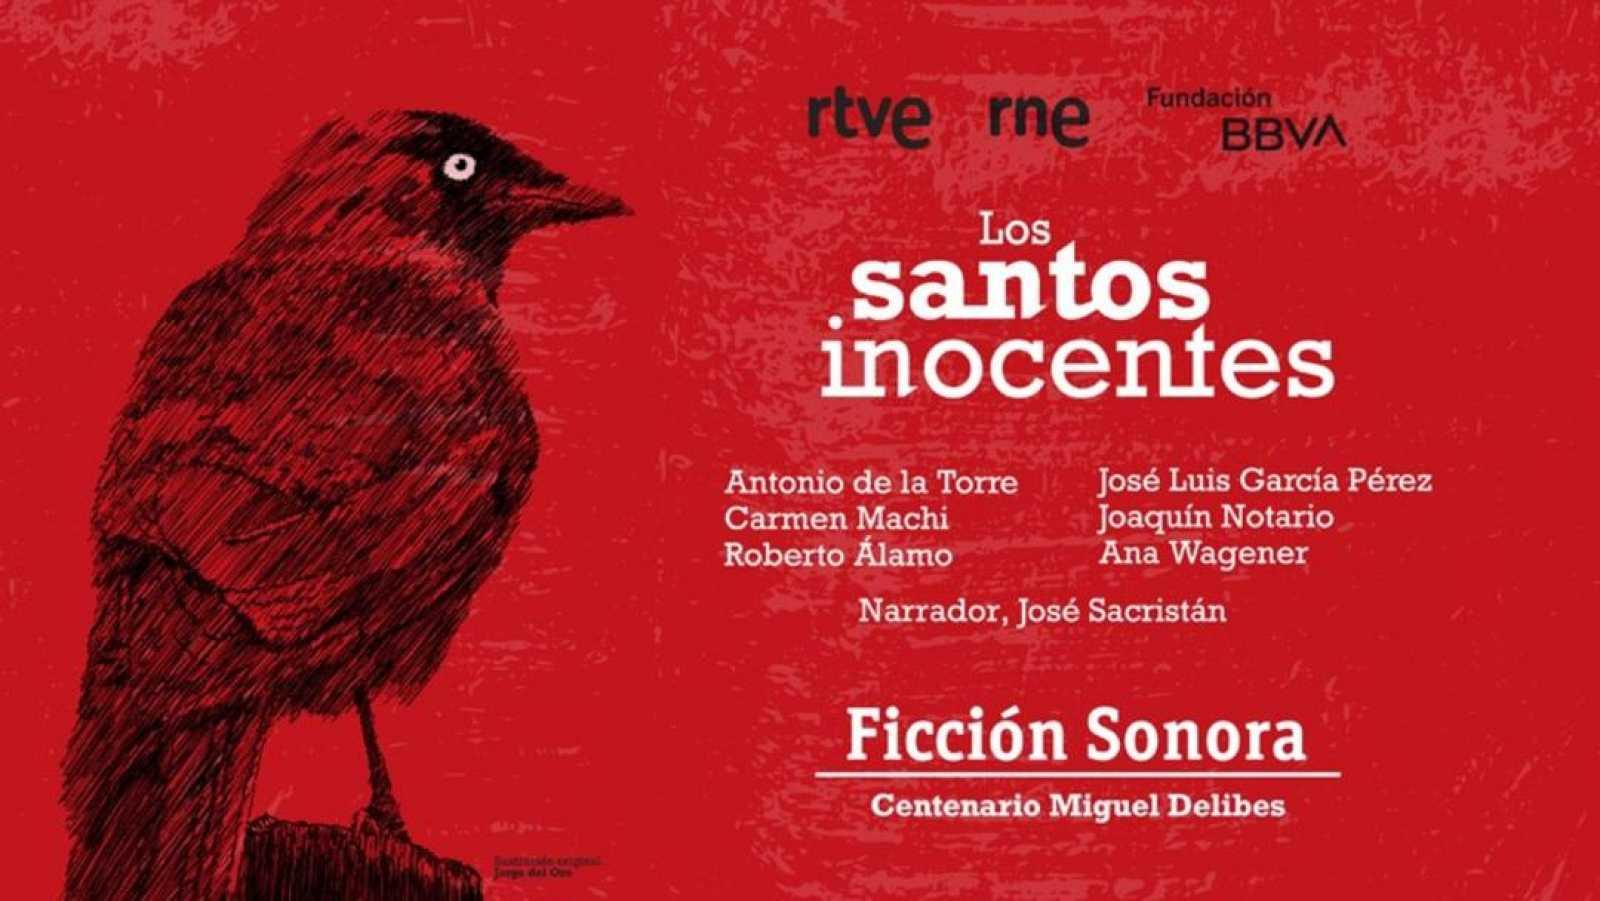 Las Mañanas de RNE con Pepa Ferndández - 'Los santos inocentes', la nueva ficción sonora de RNE - Escuchar ahora